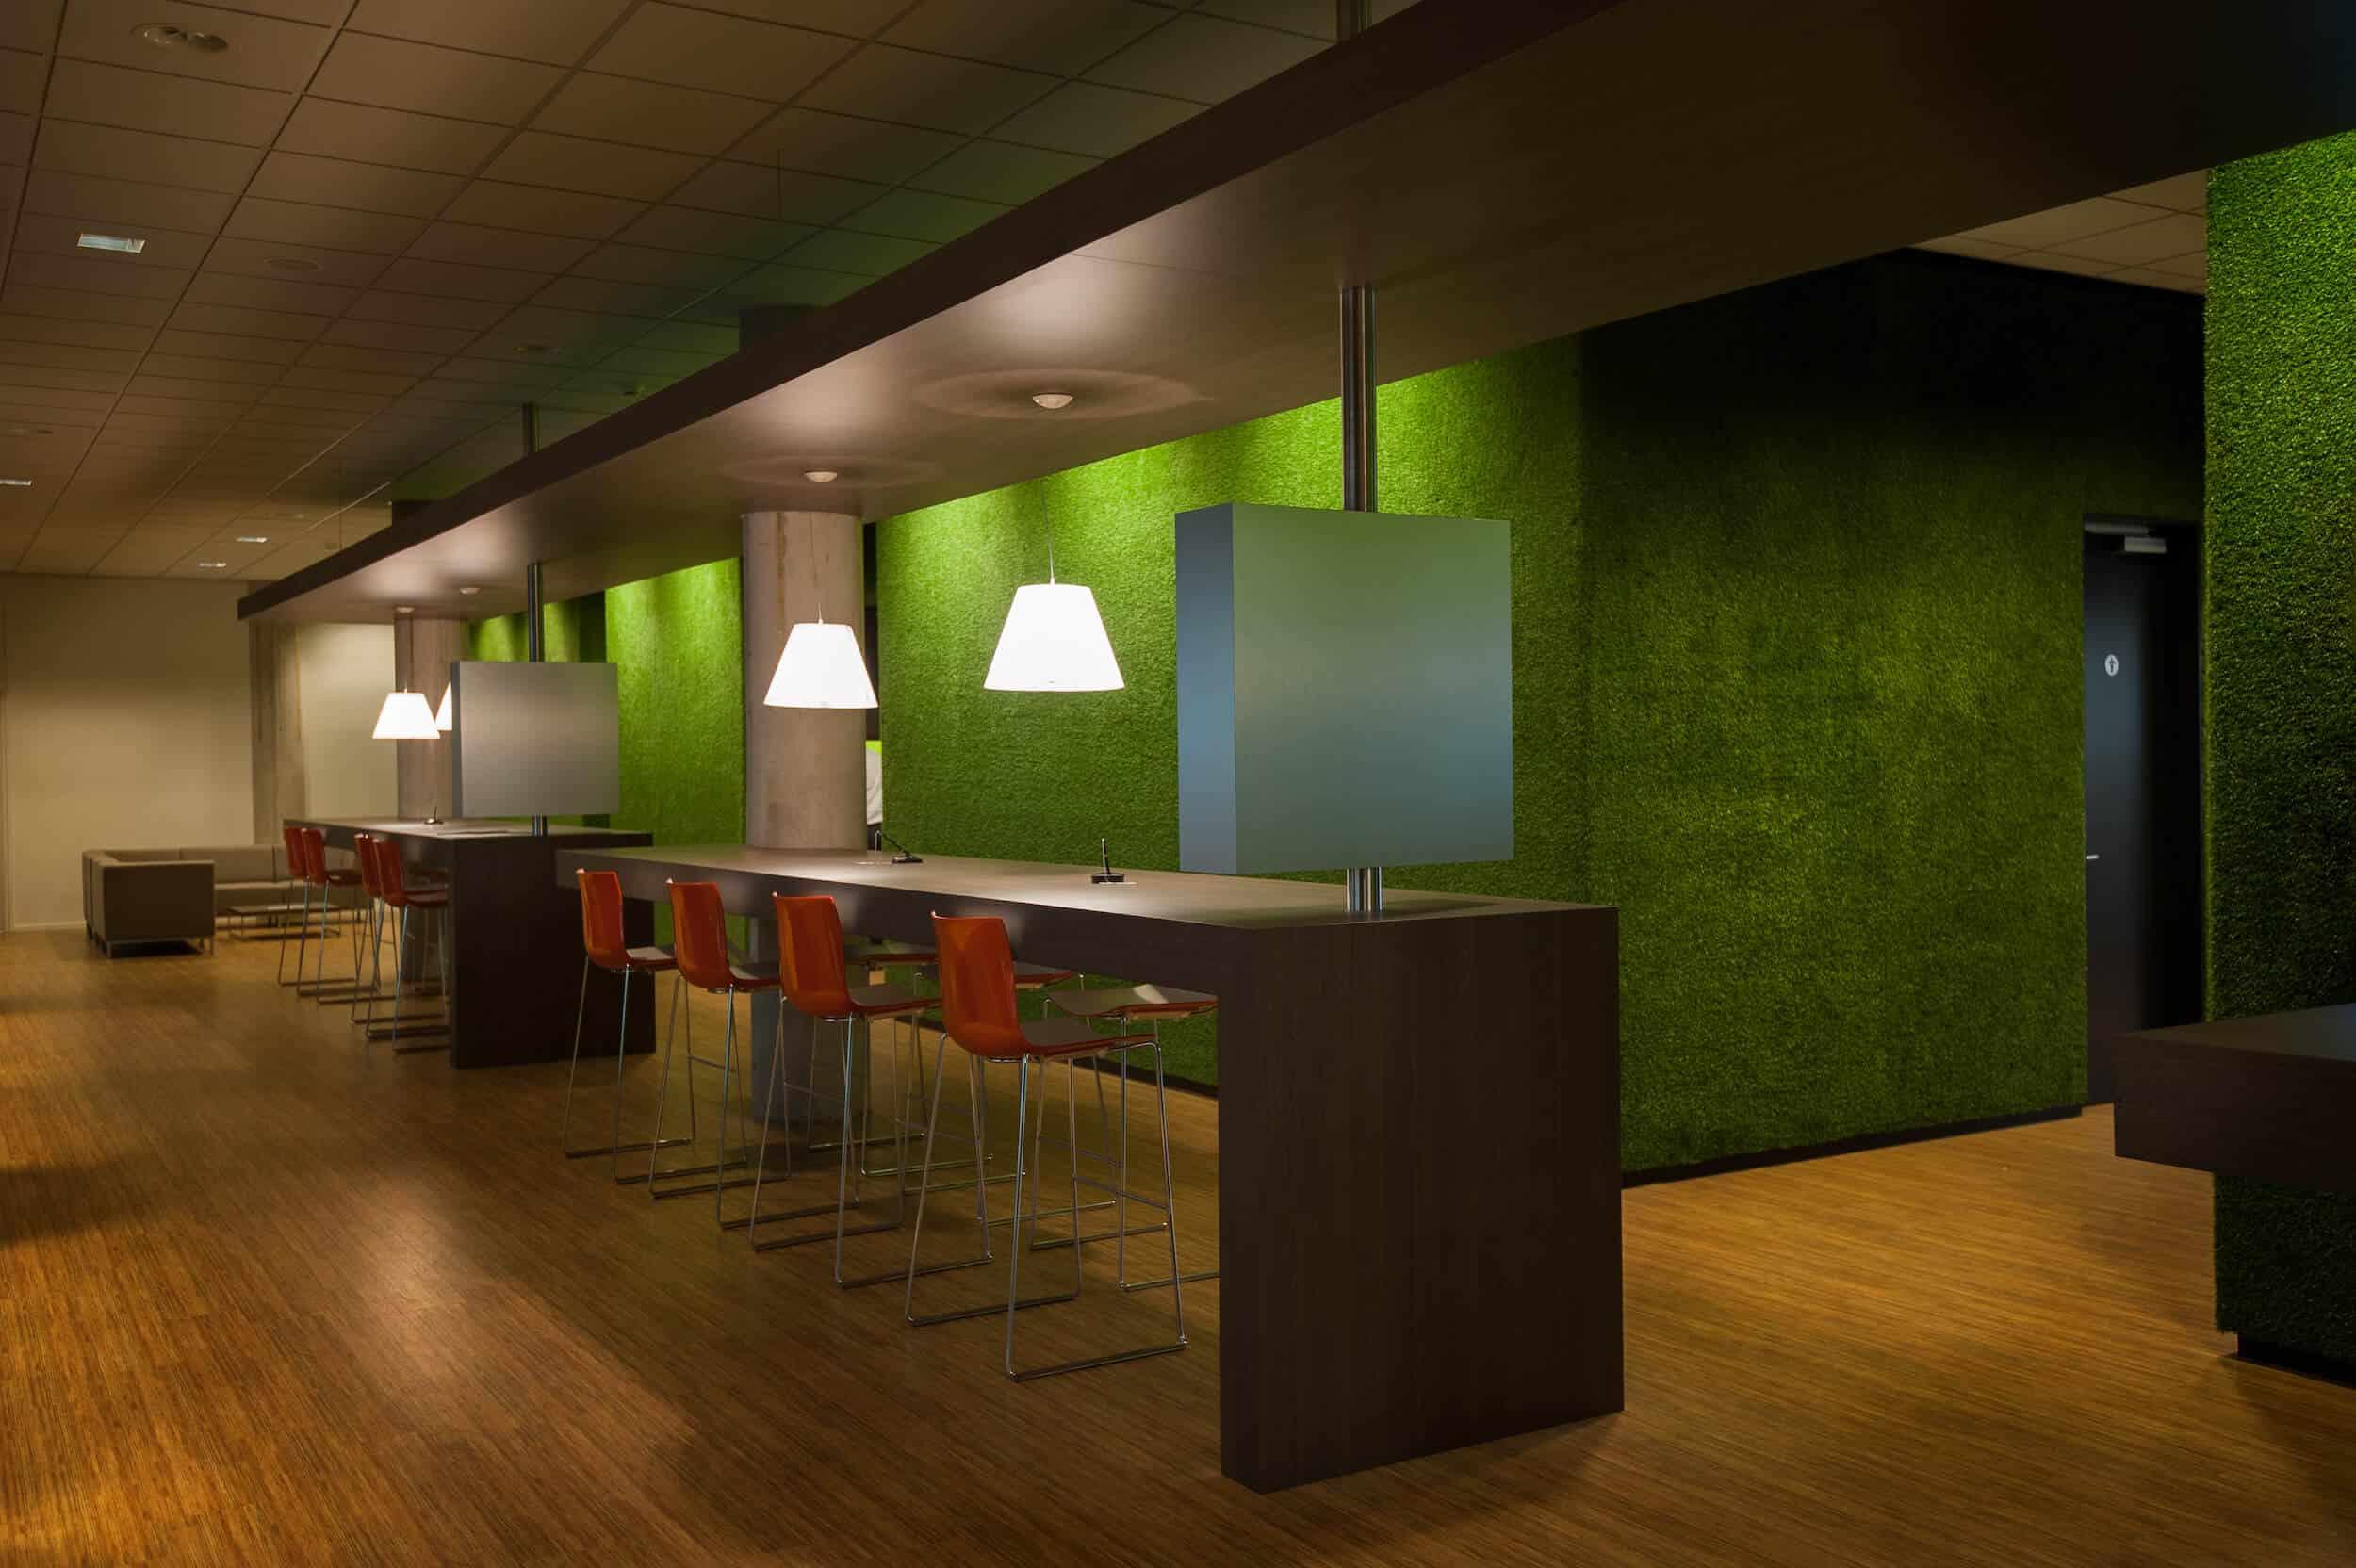 Hoge overlegtafels in kleurrijke inspirerende omgeving ruimtelijk opgezet